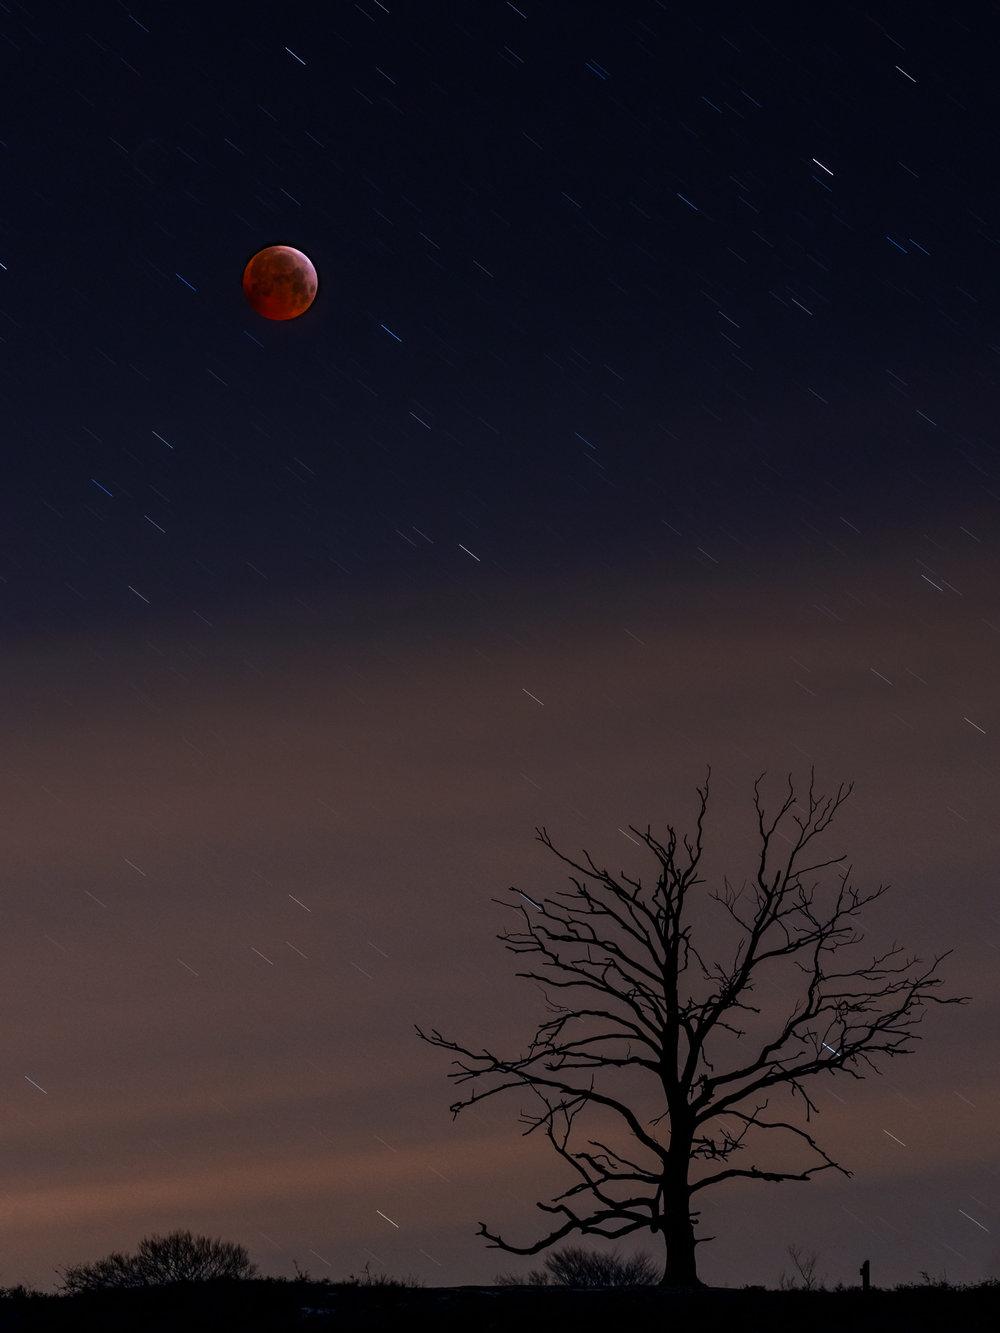 Blend van de maan en de boom. Maan: iso 1000, f8, 1.3s, 110mm. Boom: iso 400, f8, 74s, 70mm.